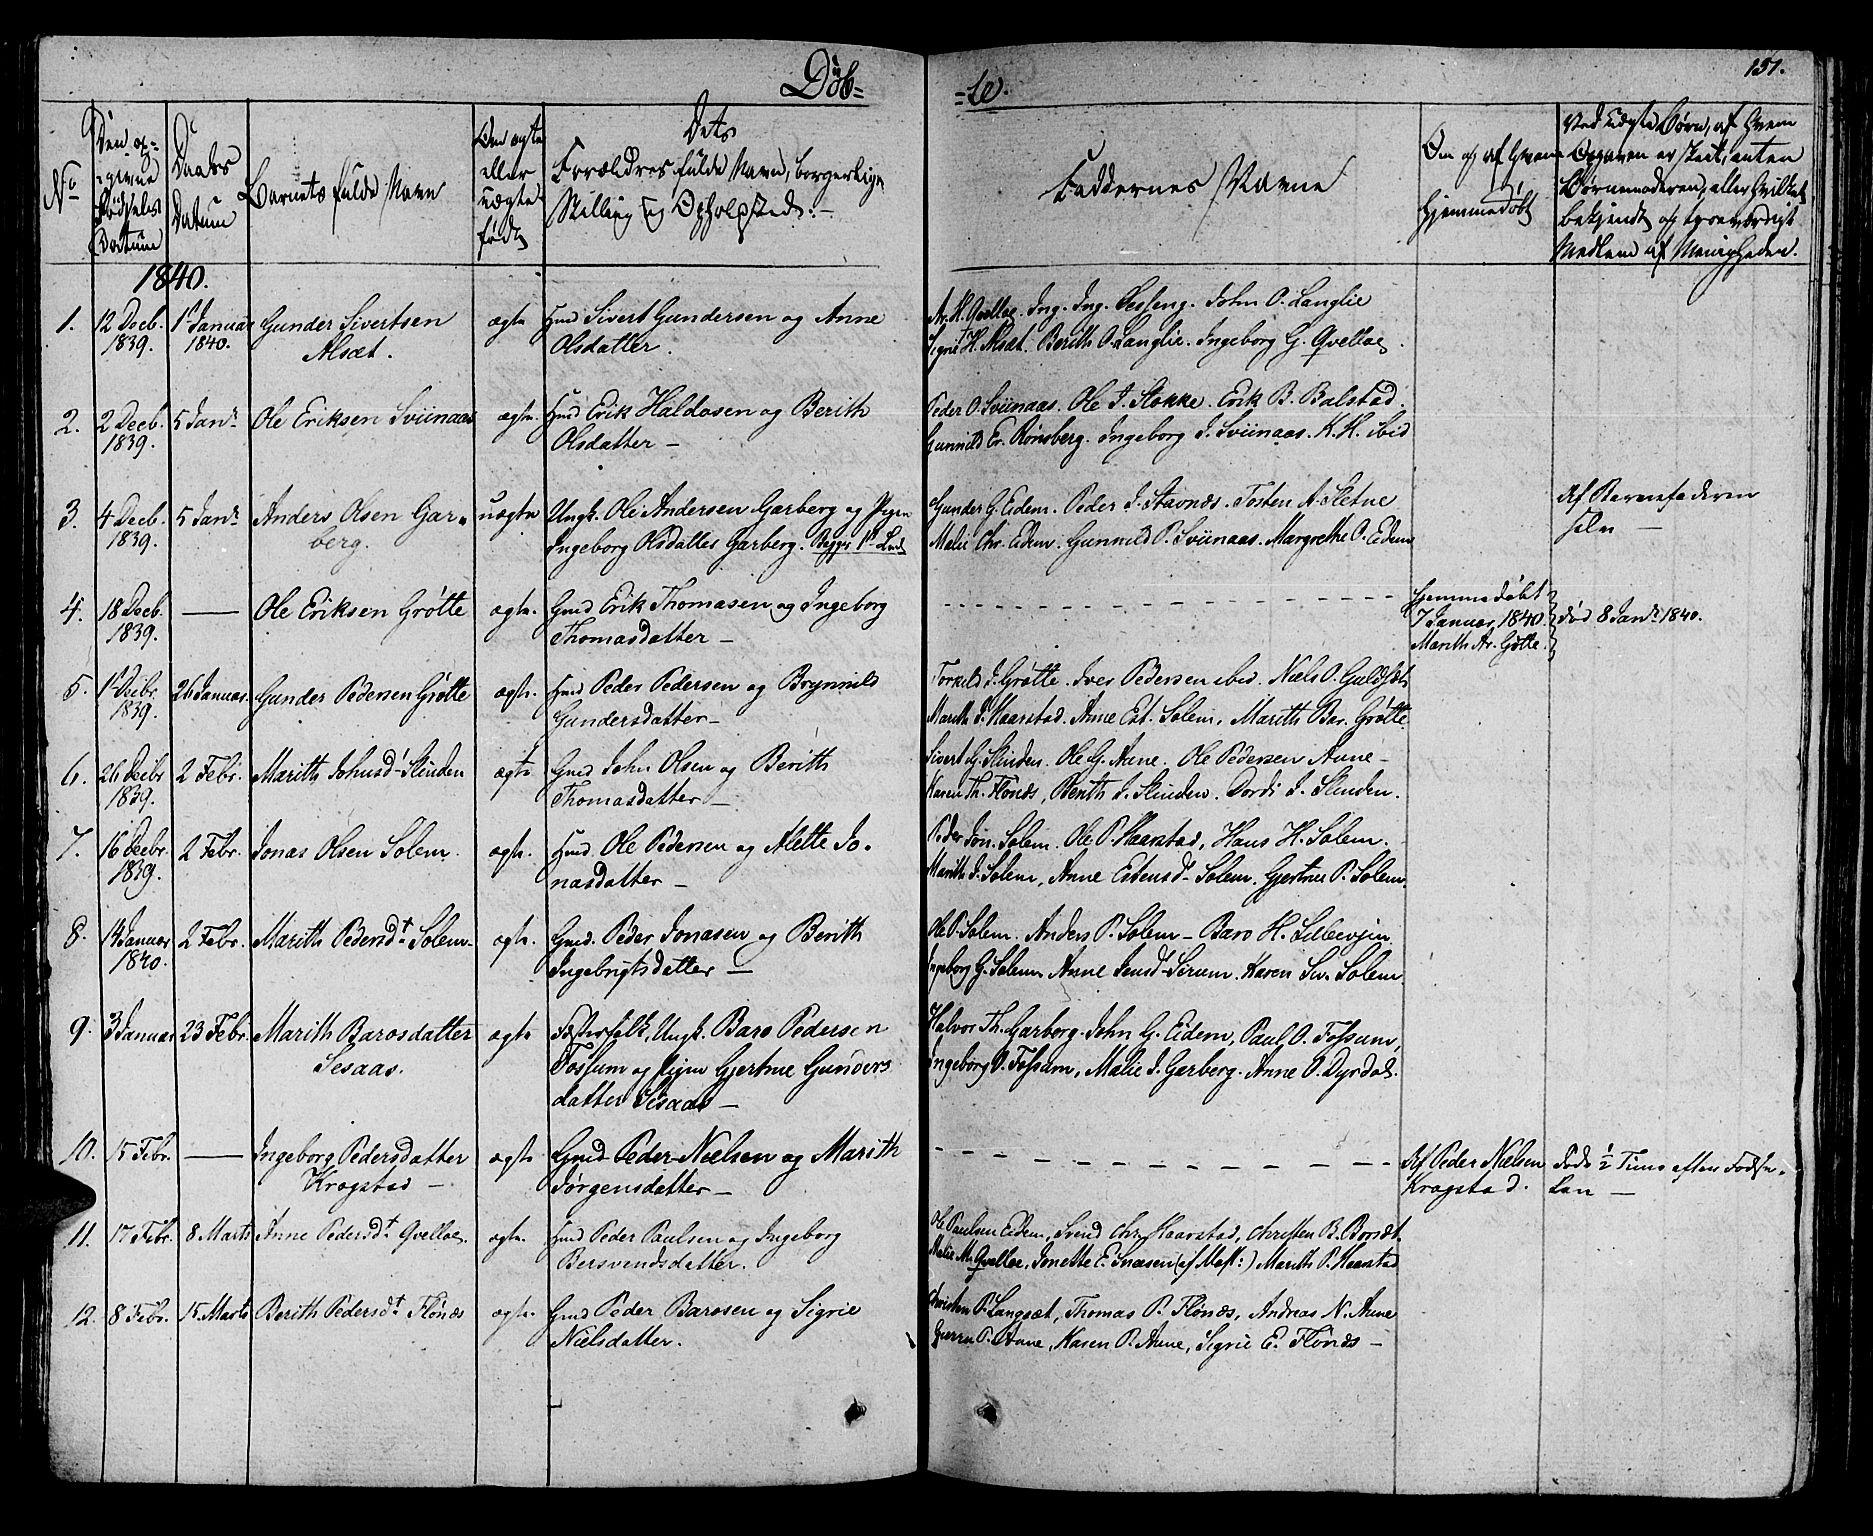 SAT, Ministerialprotokoller, klokkerbøker og fødselsregistre - Sør-Trøndelag, 695/L1143: Ministerialbok nr. 695A05 /1, 1824-1842, s. 151